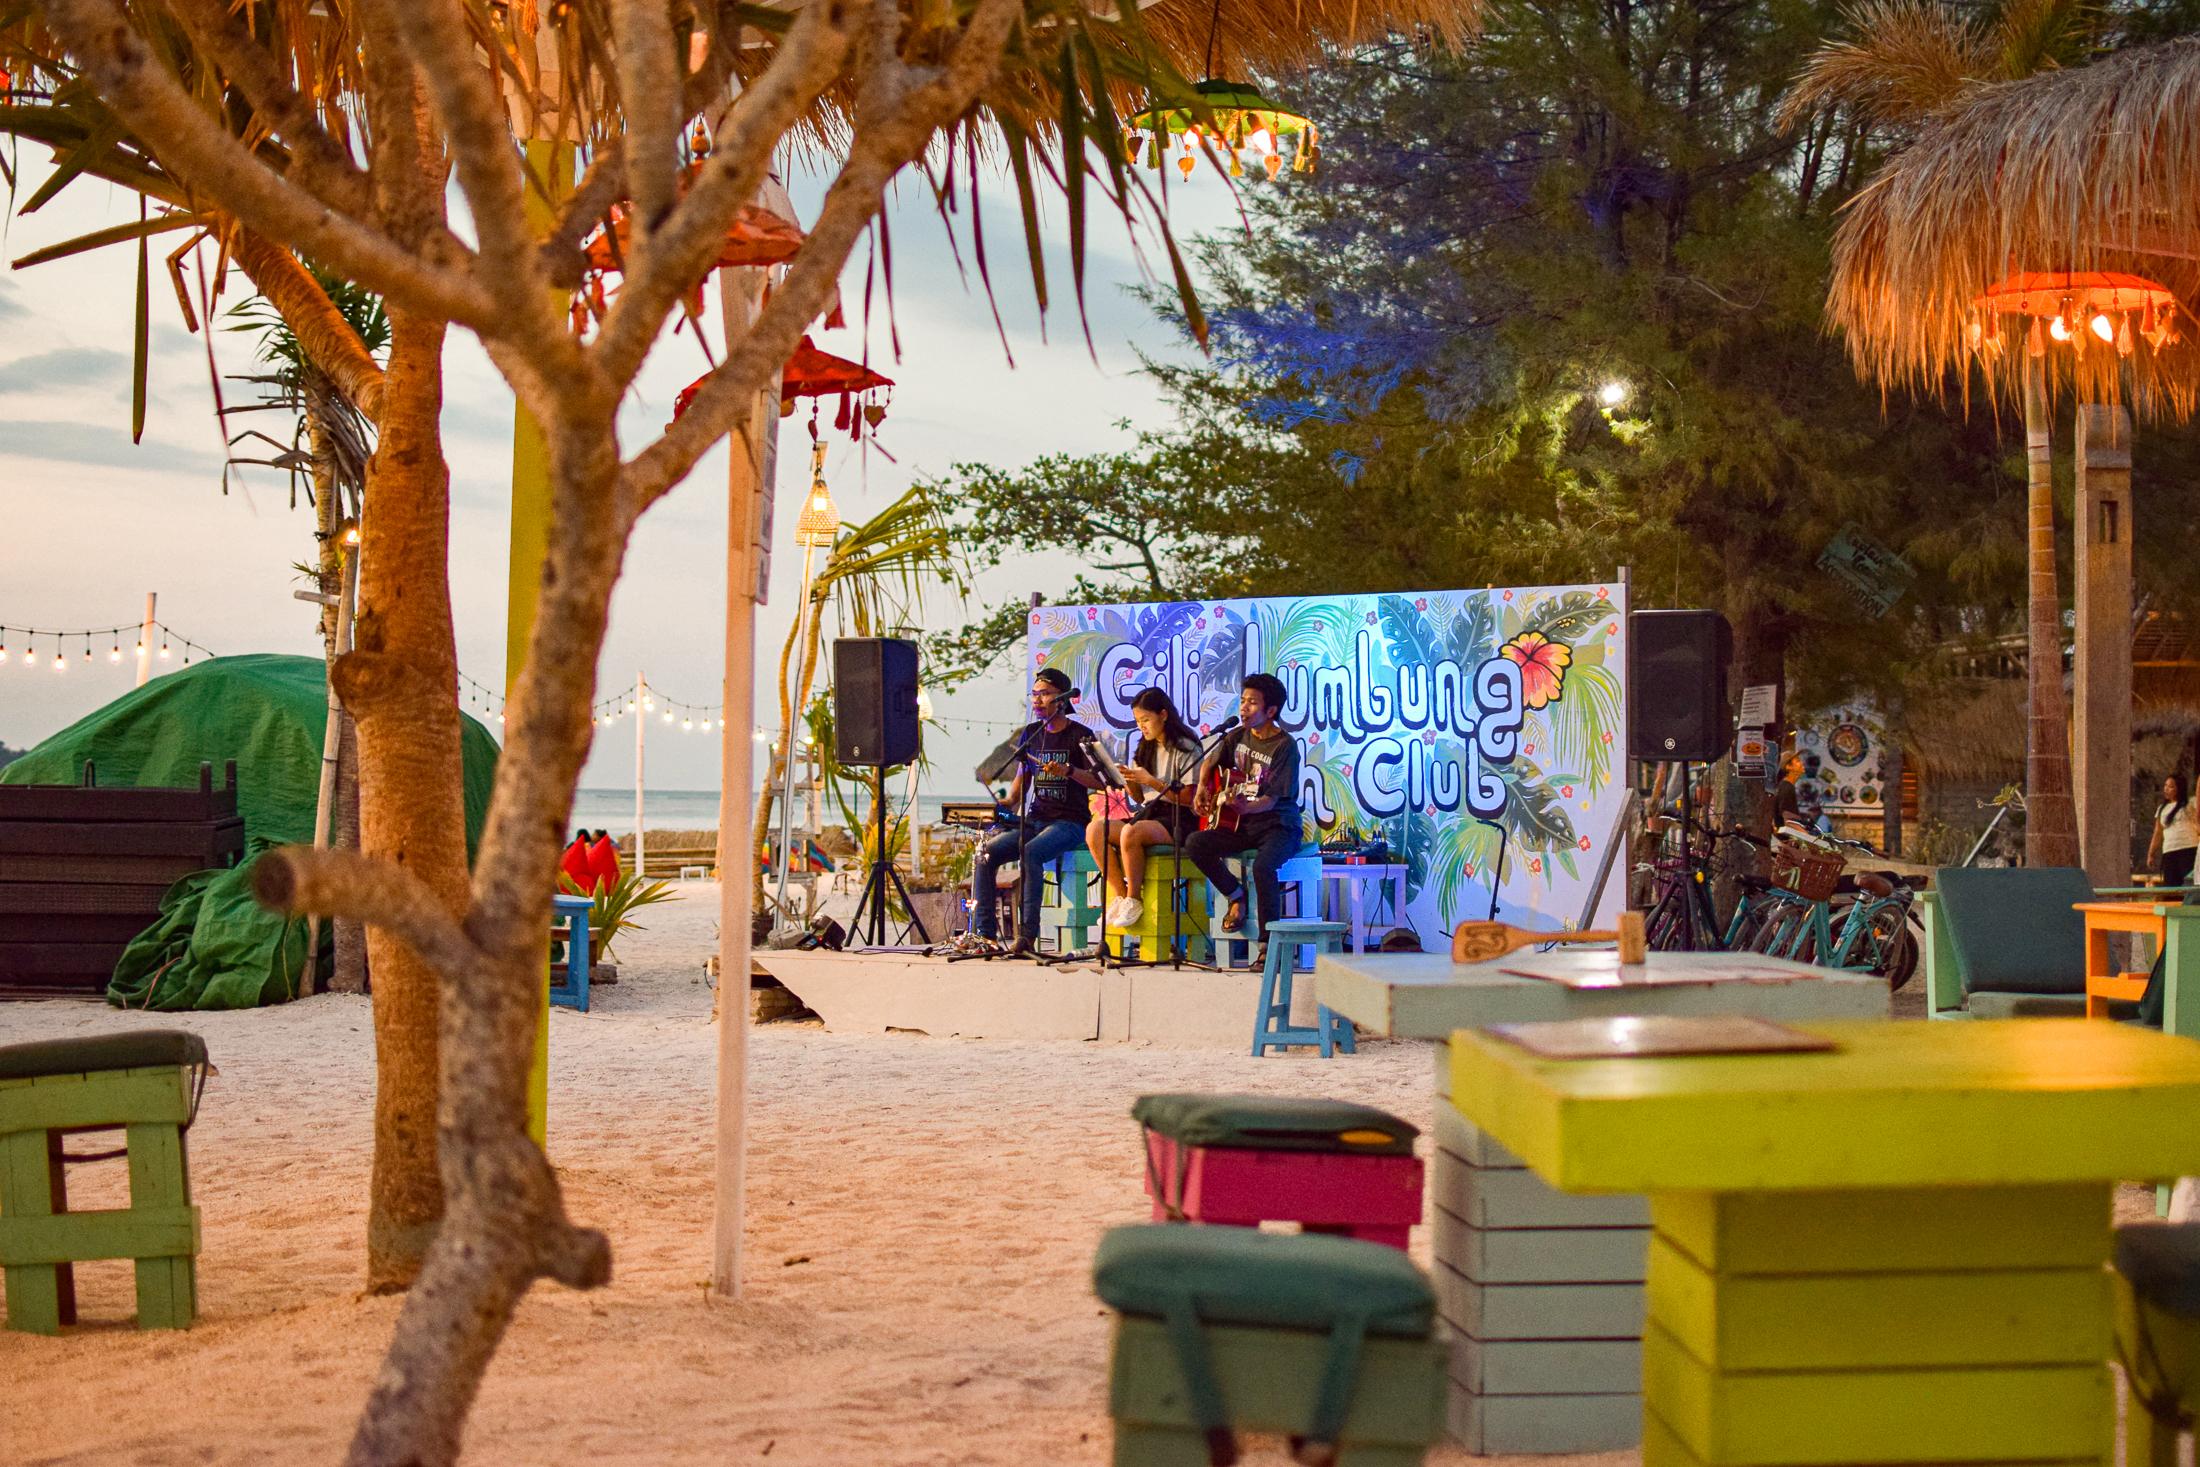 livemusiker på baren lumbung på gili air.